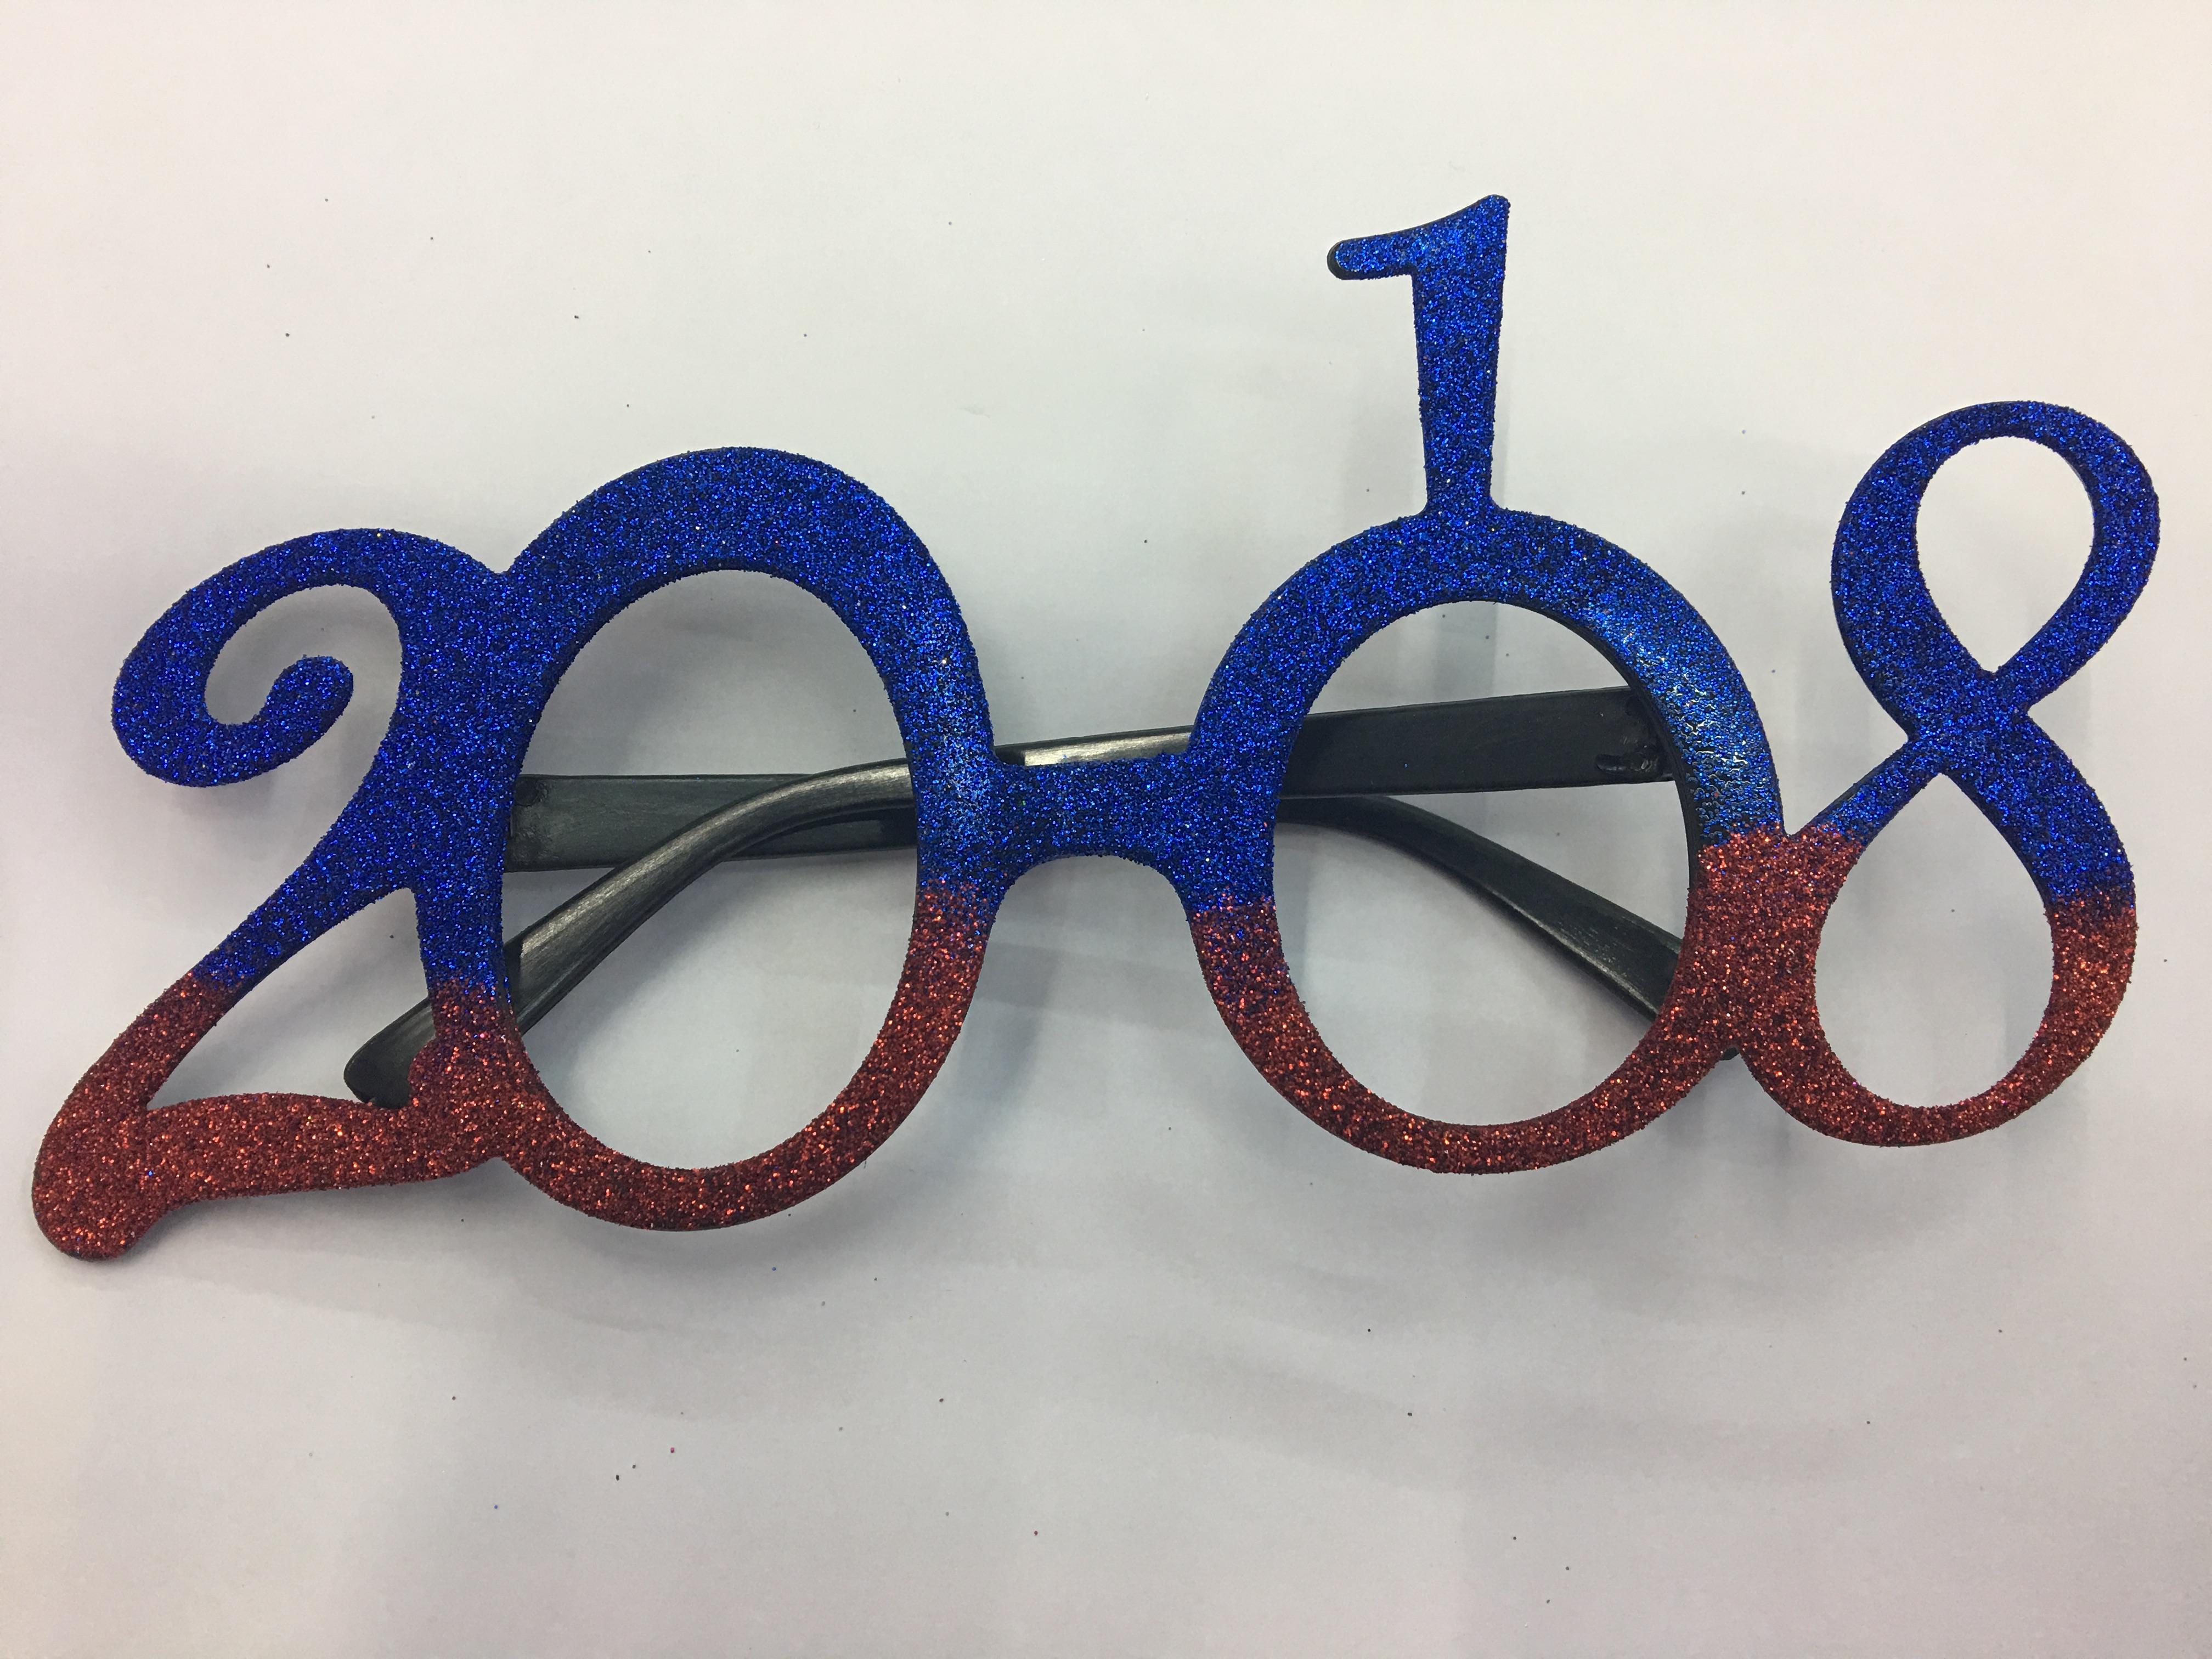 供应新款厂家直销数字2018眼镜图片